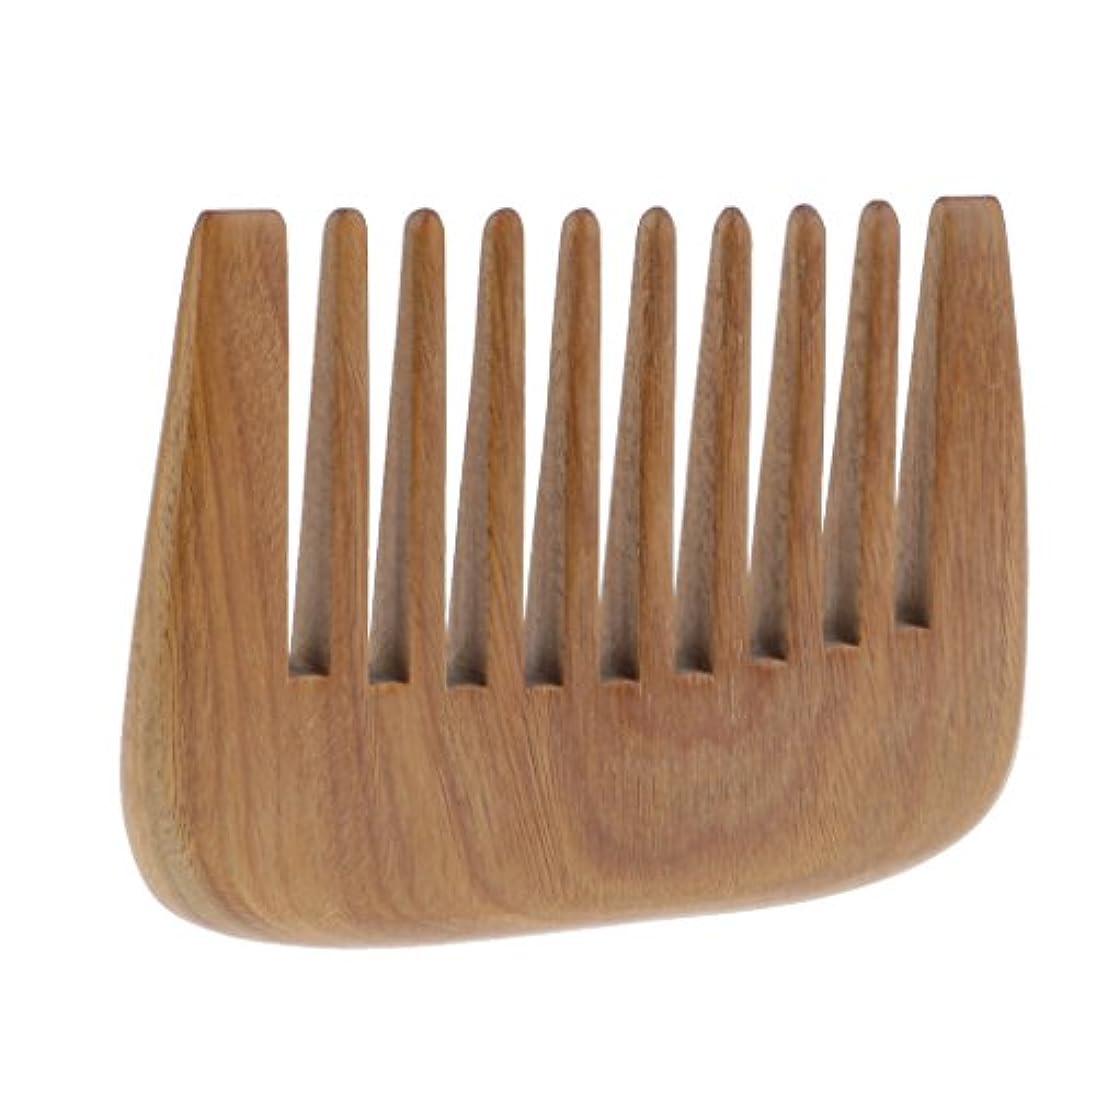 一口報酬抑制グリーンサンダルウッドのひげの櫛 - 広い歯ポケット櫛 - いいえ男性&女性のための静的ナチュラルアロマ木製グルーミングコーム